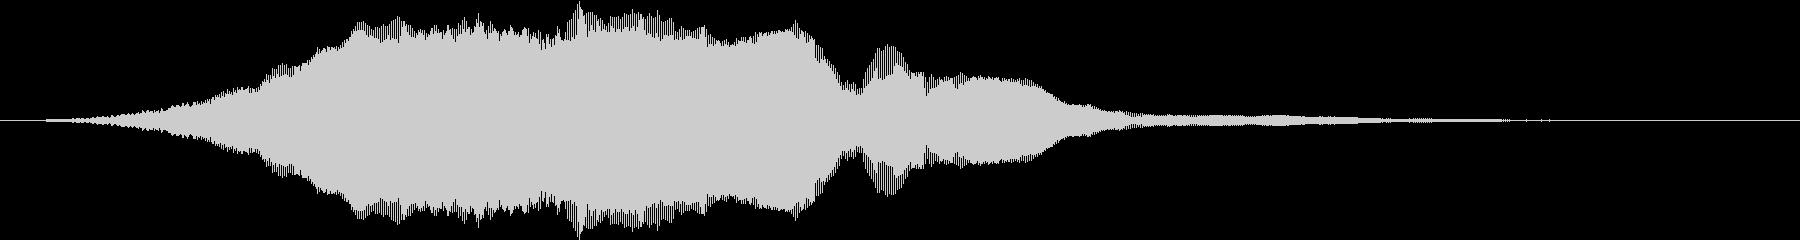 【ホラー】シーン転換_05の未再生の波形